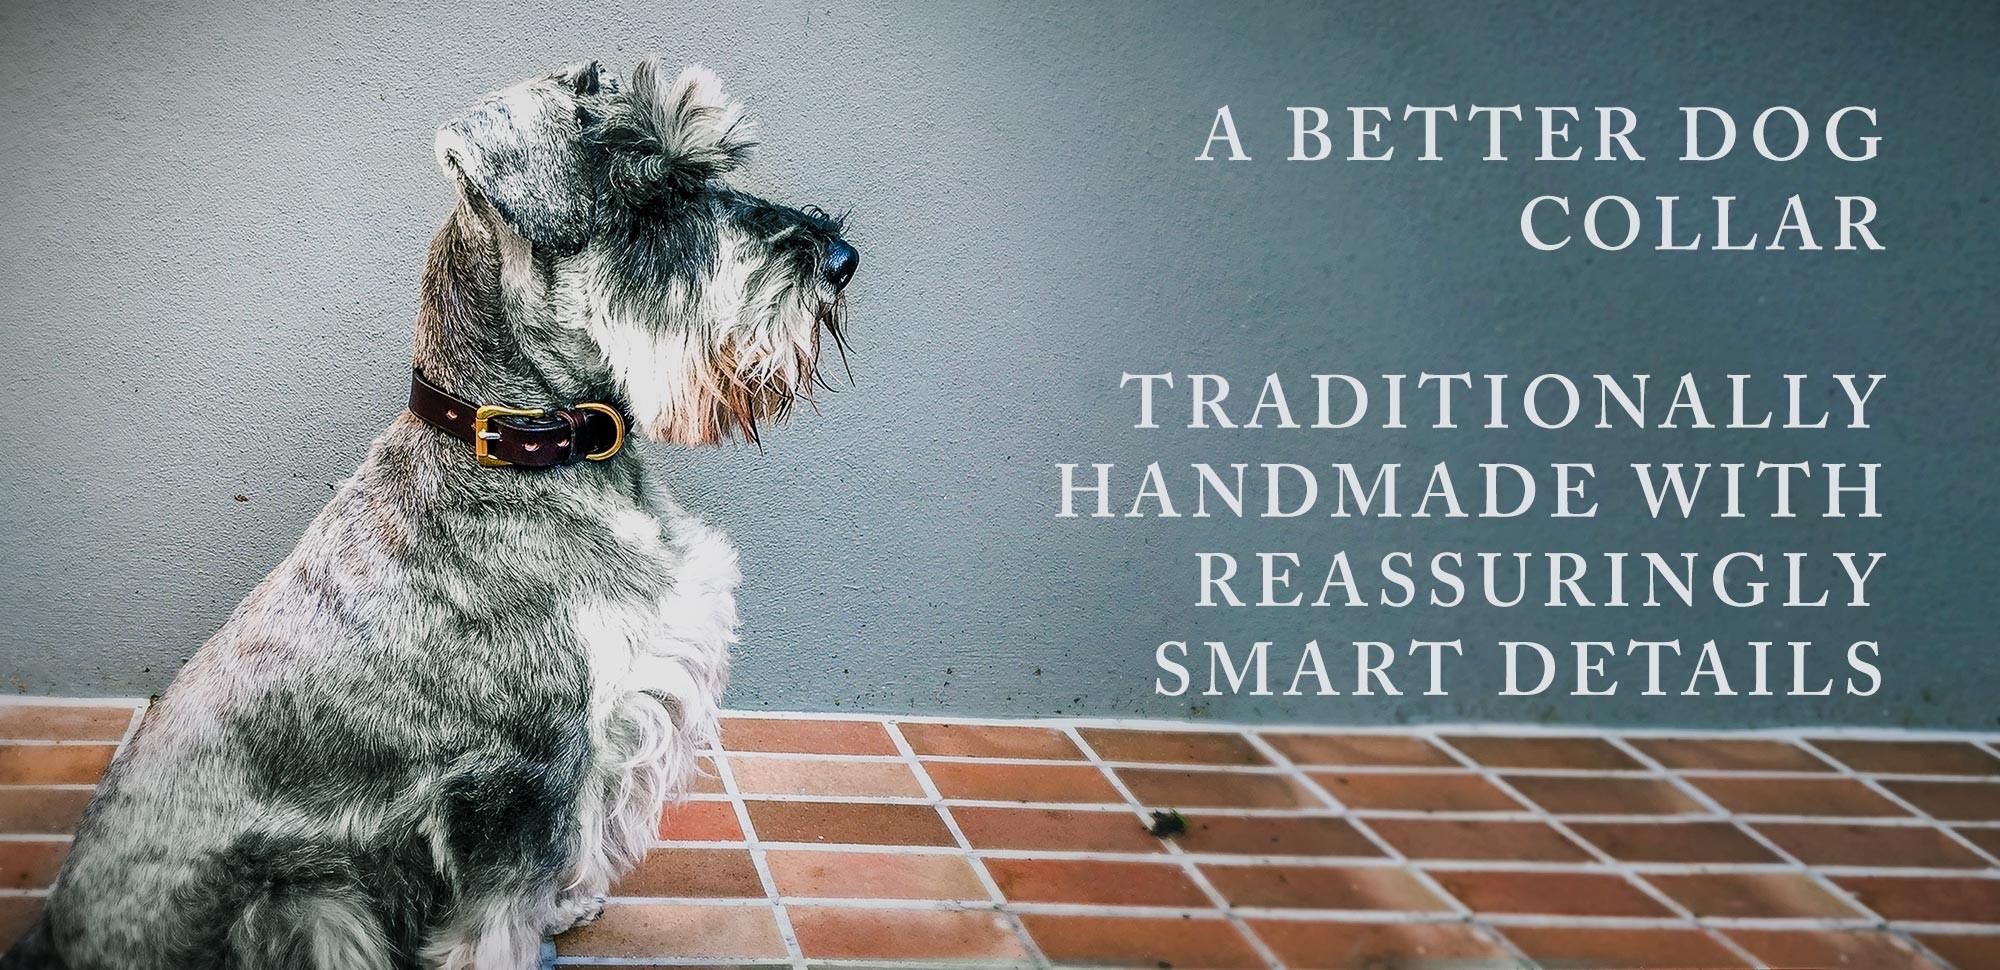 A better dog collar